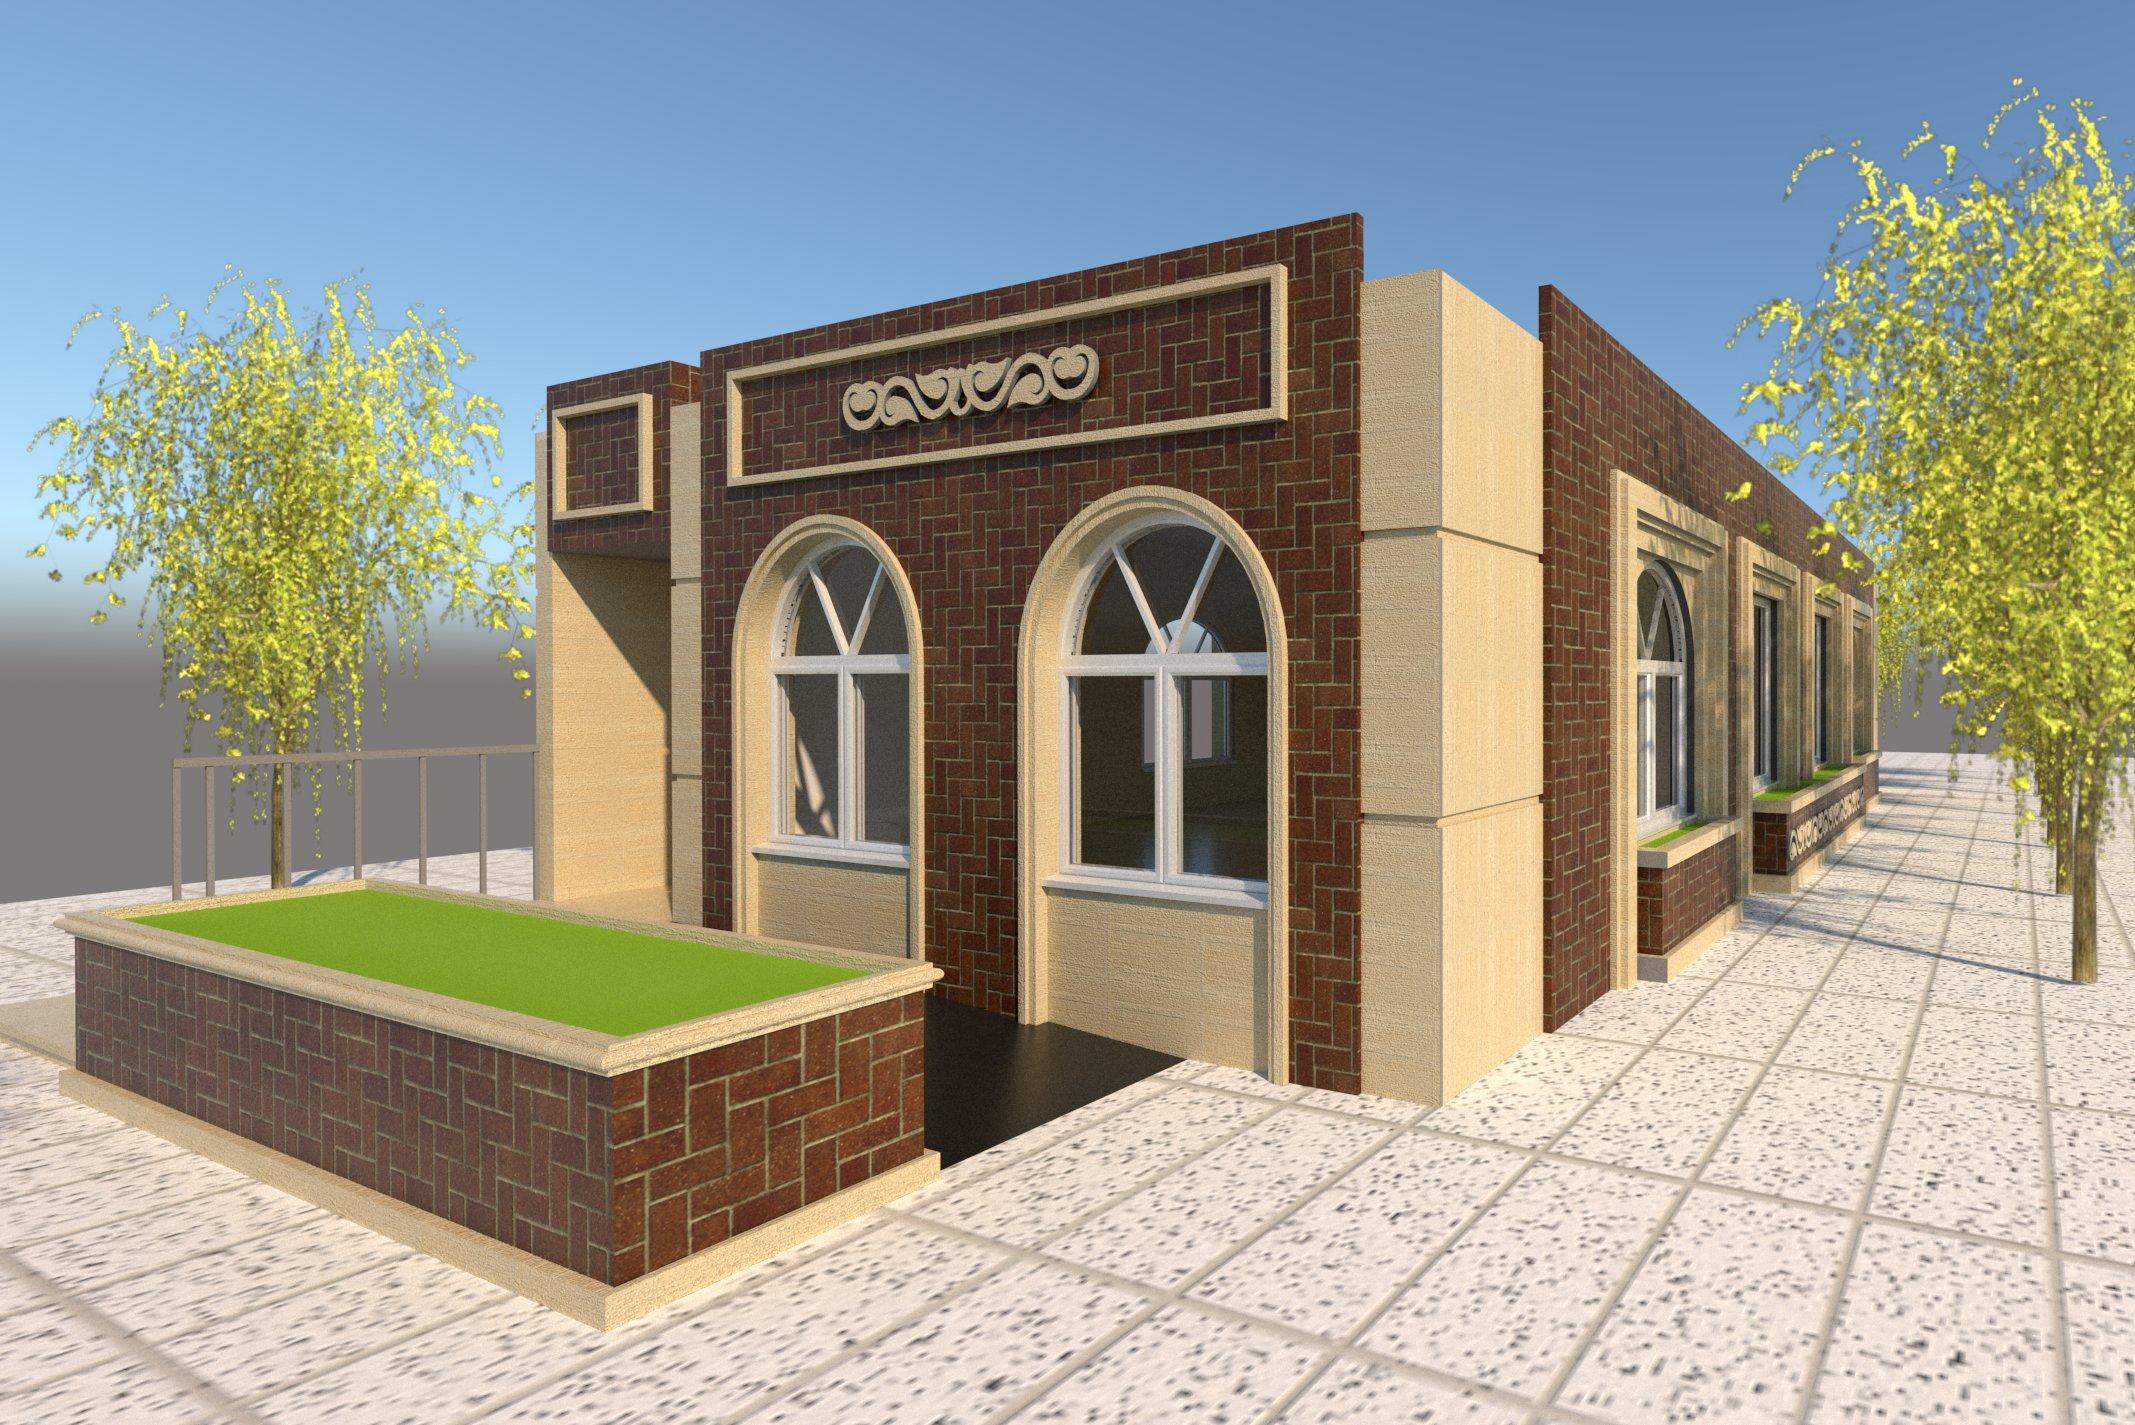 طراحی ساختمان قرائت خانه پارک رستگاری مقدم- شهرداری منطقه 5 مشهد